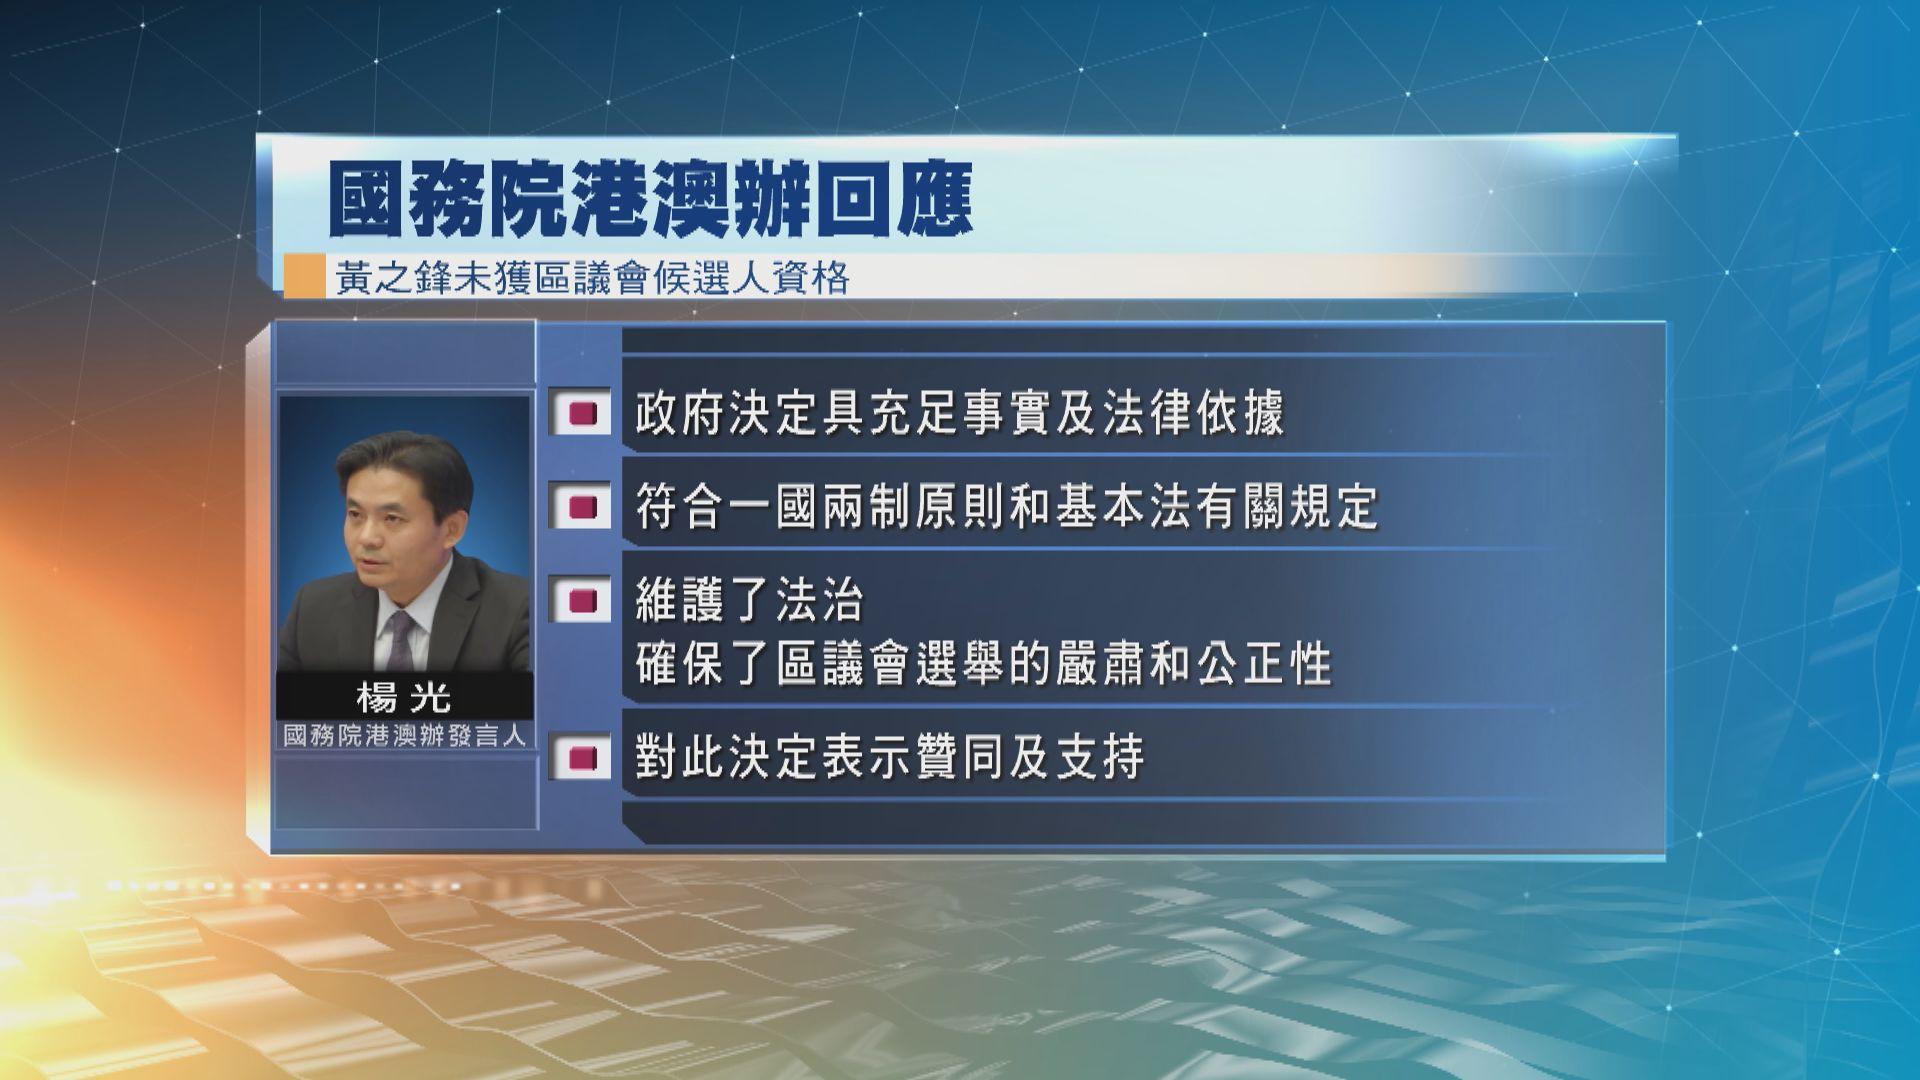 港澳辦:DQ黃之鋒具充足事實和法律依據